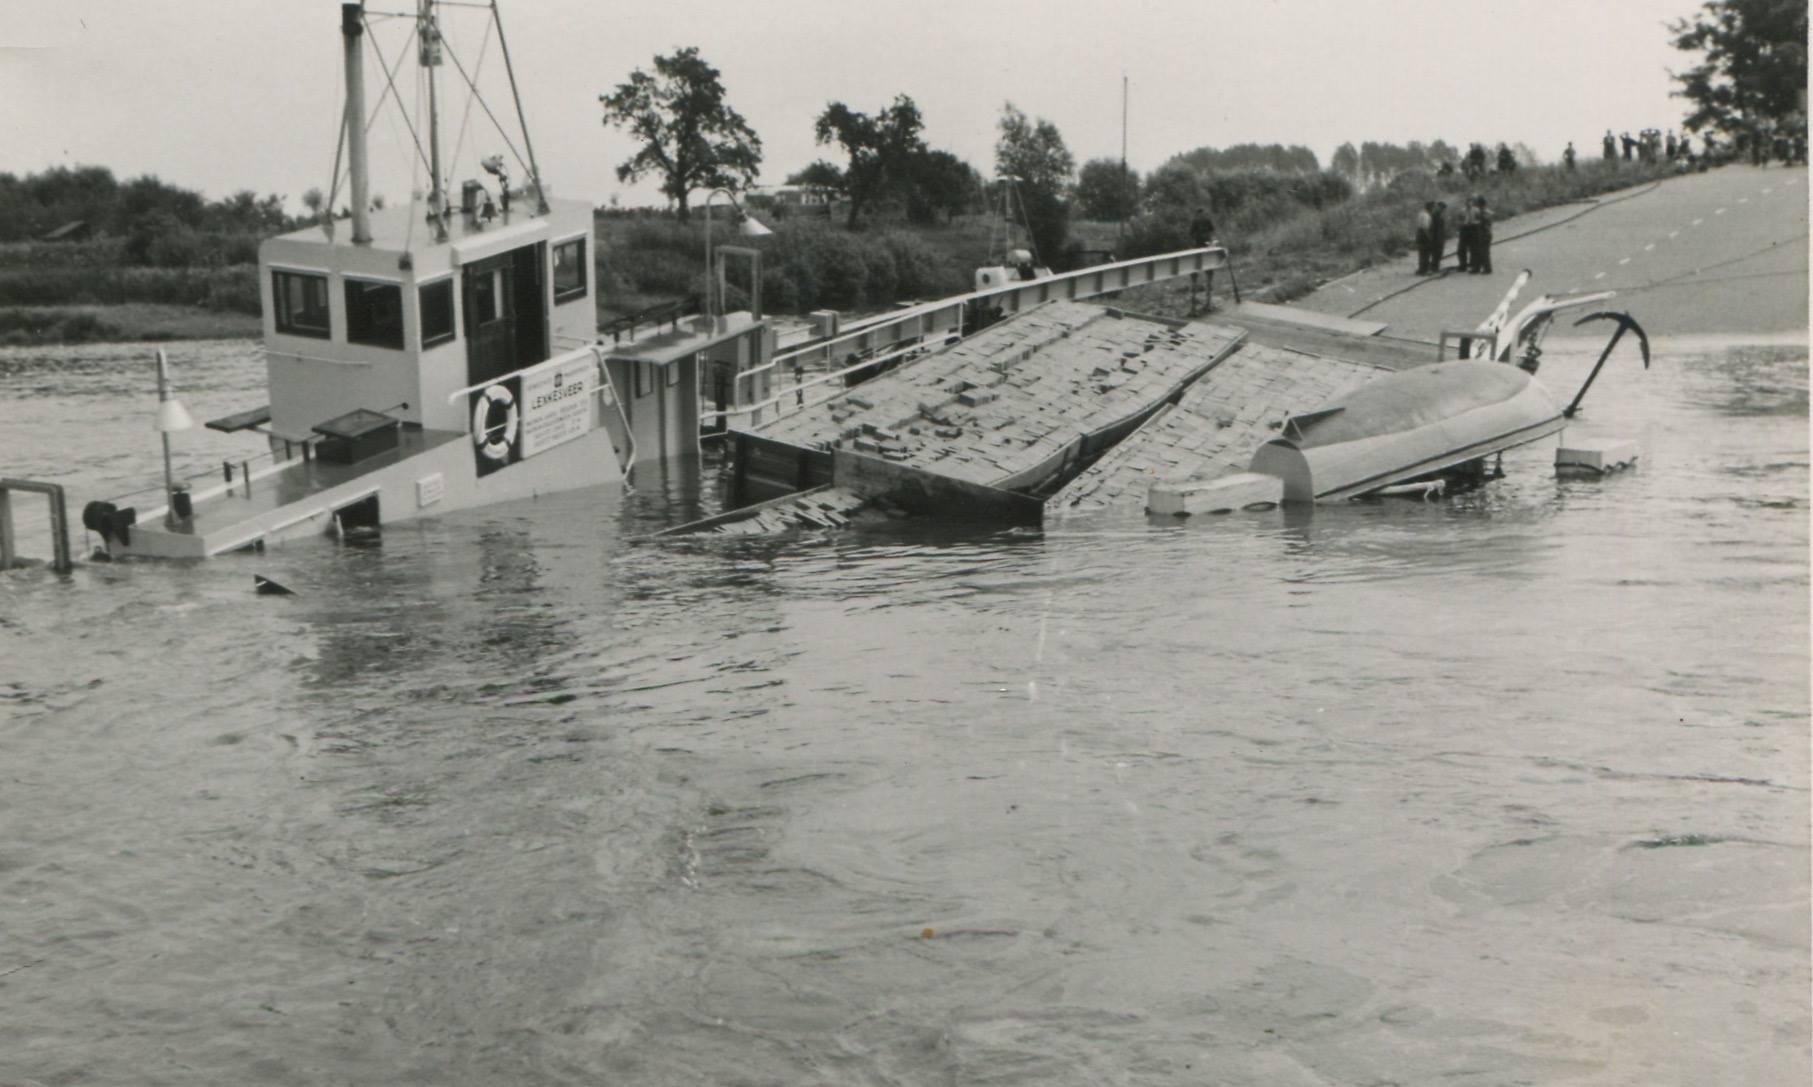 1957-foto-gemaakt-door-Jac-Rauws-ingezonden-door-Willem-Ruisch-Veerpont-Lexkesveer-Eageningen-Randwijk-5